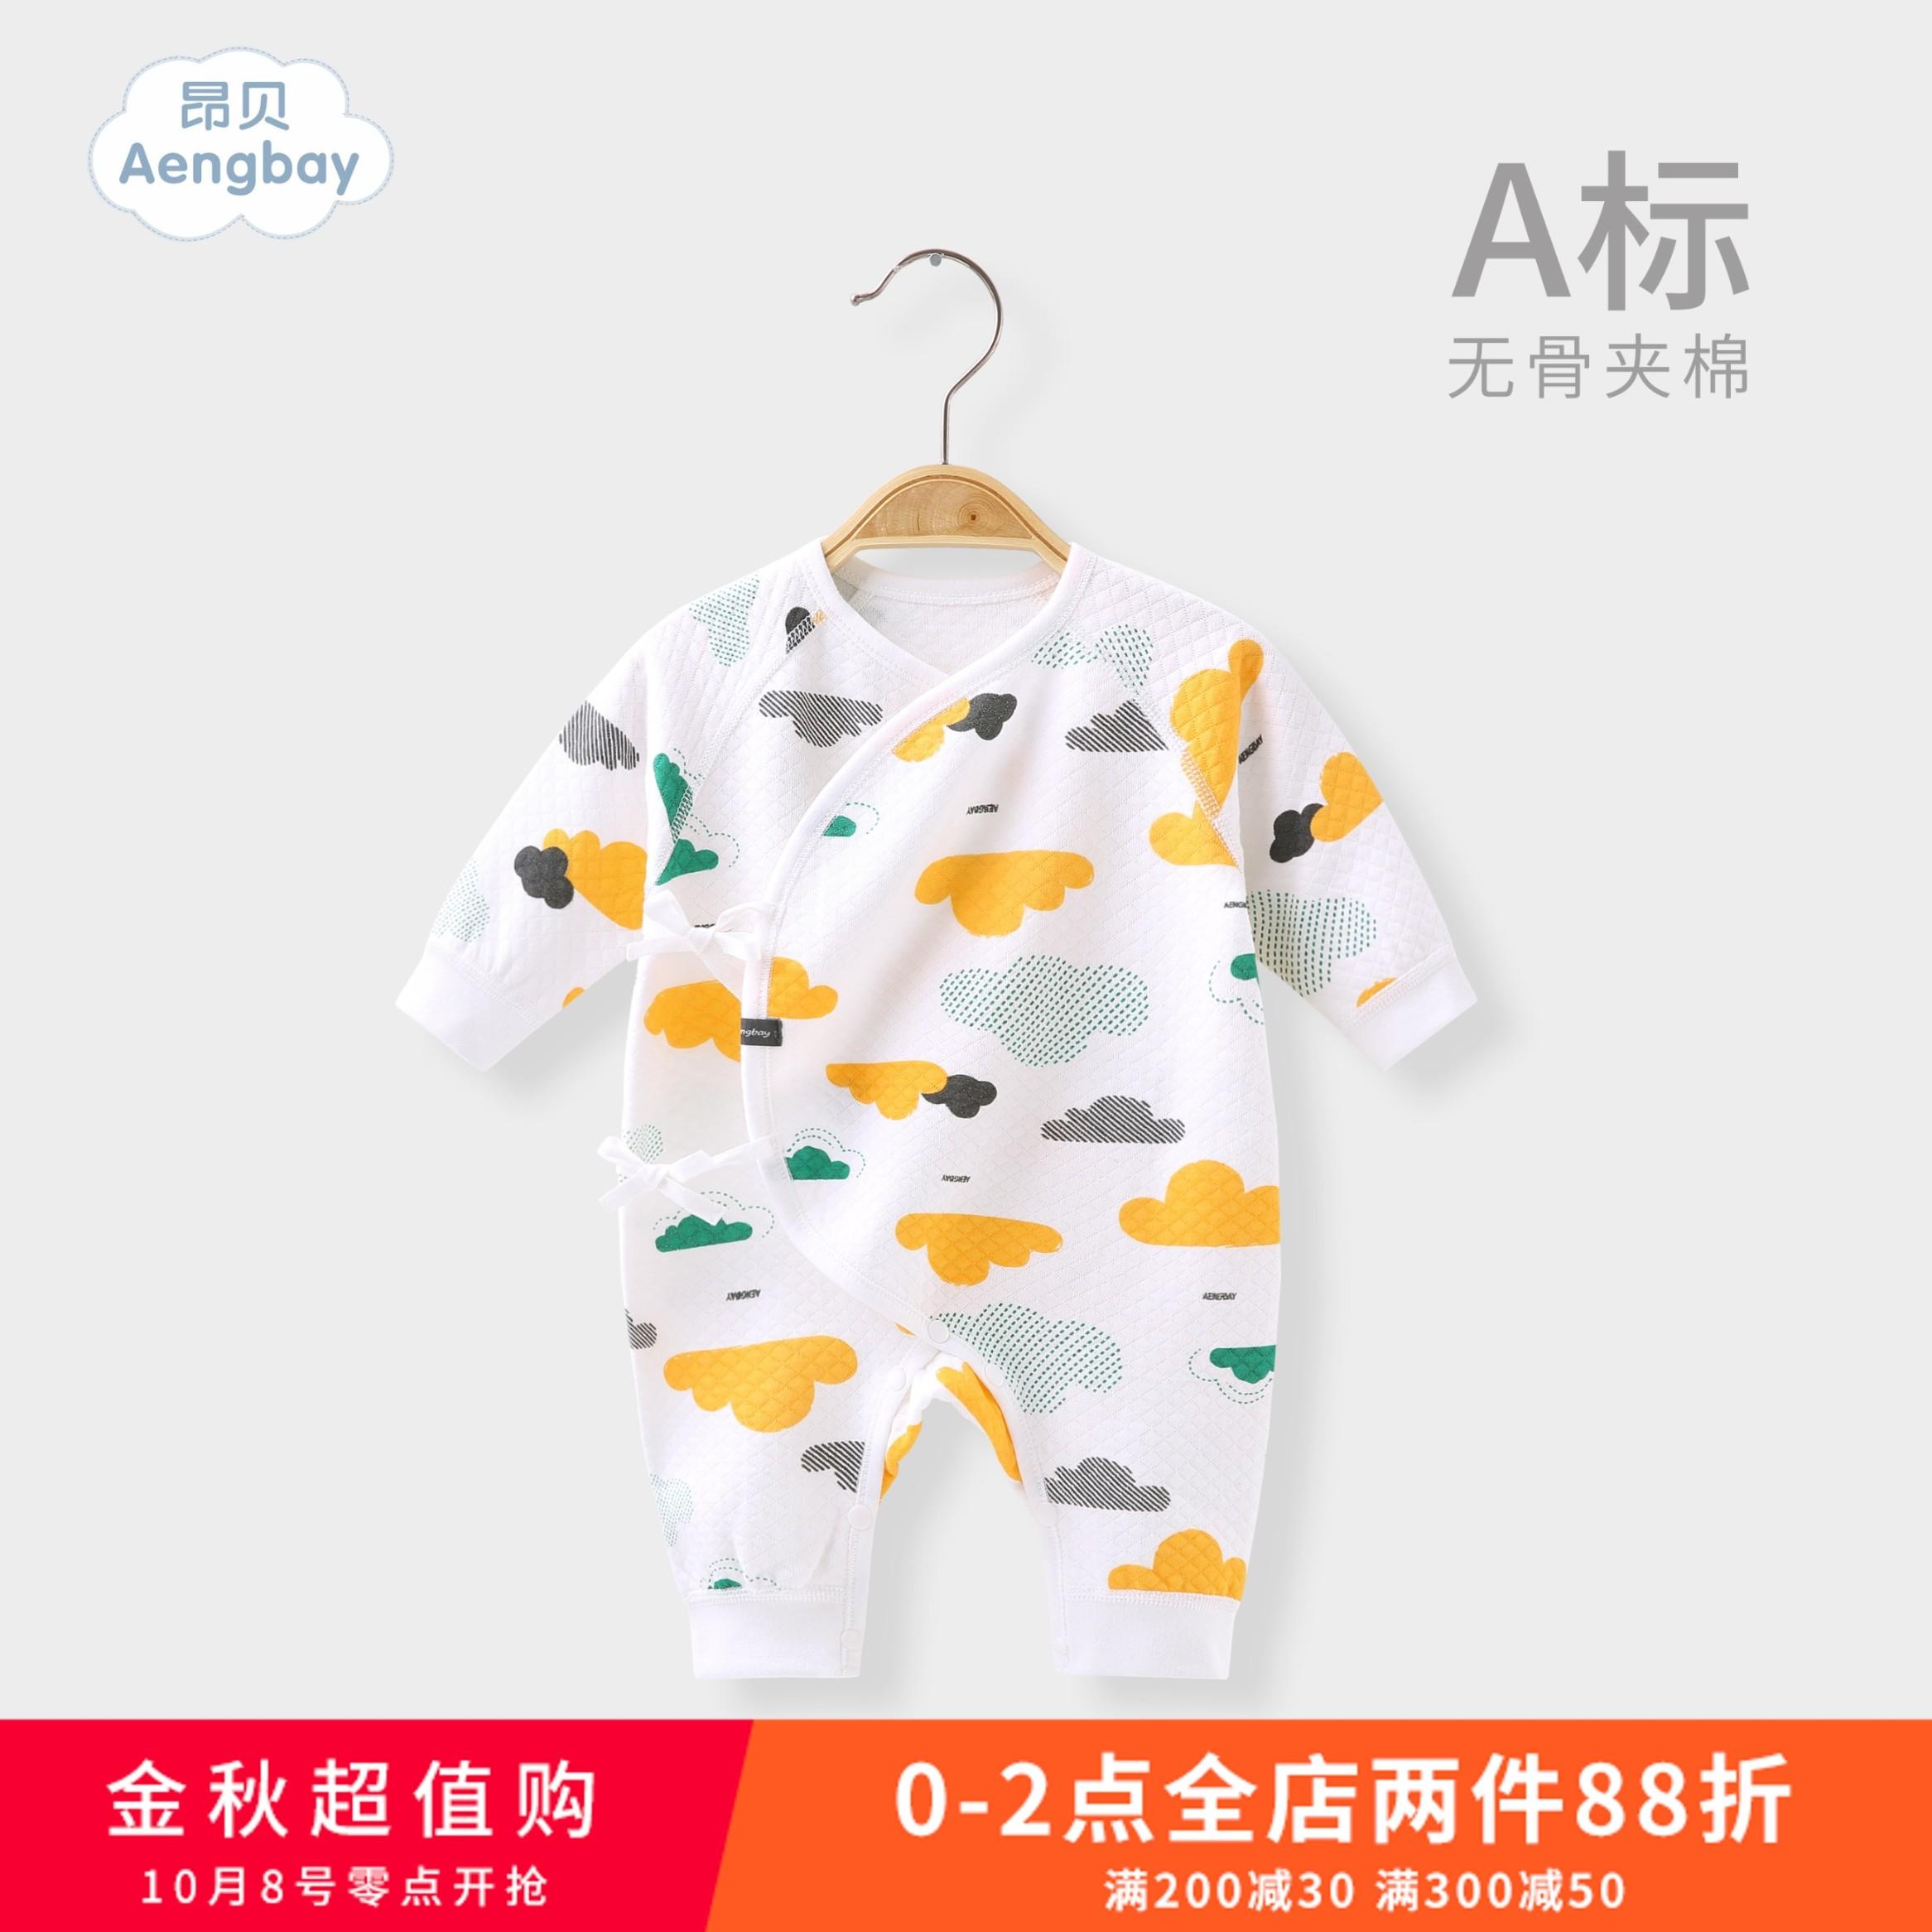 49.00元包邮昂贝婴儿衣服秋冬季薄款纯棉夹棉0-3个月6婴幼儿连体衣新生儿哈衣